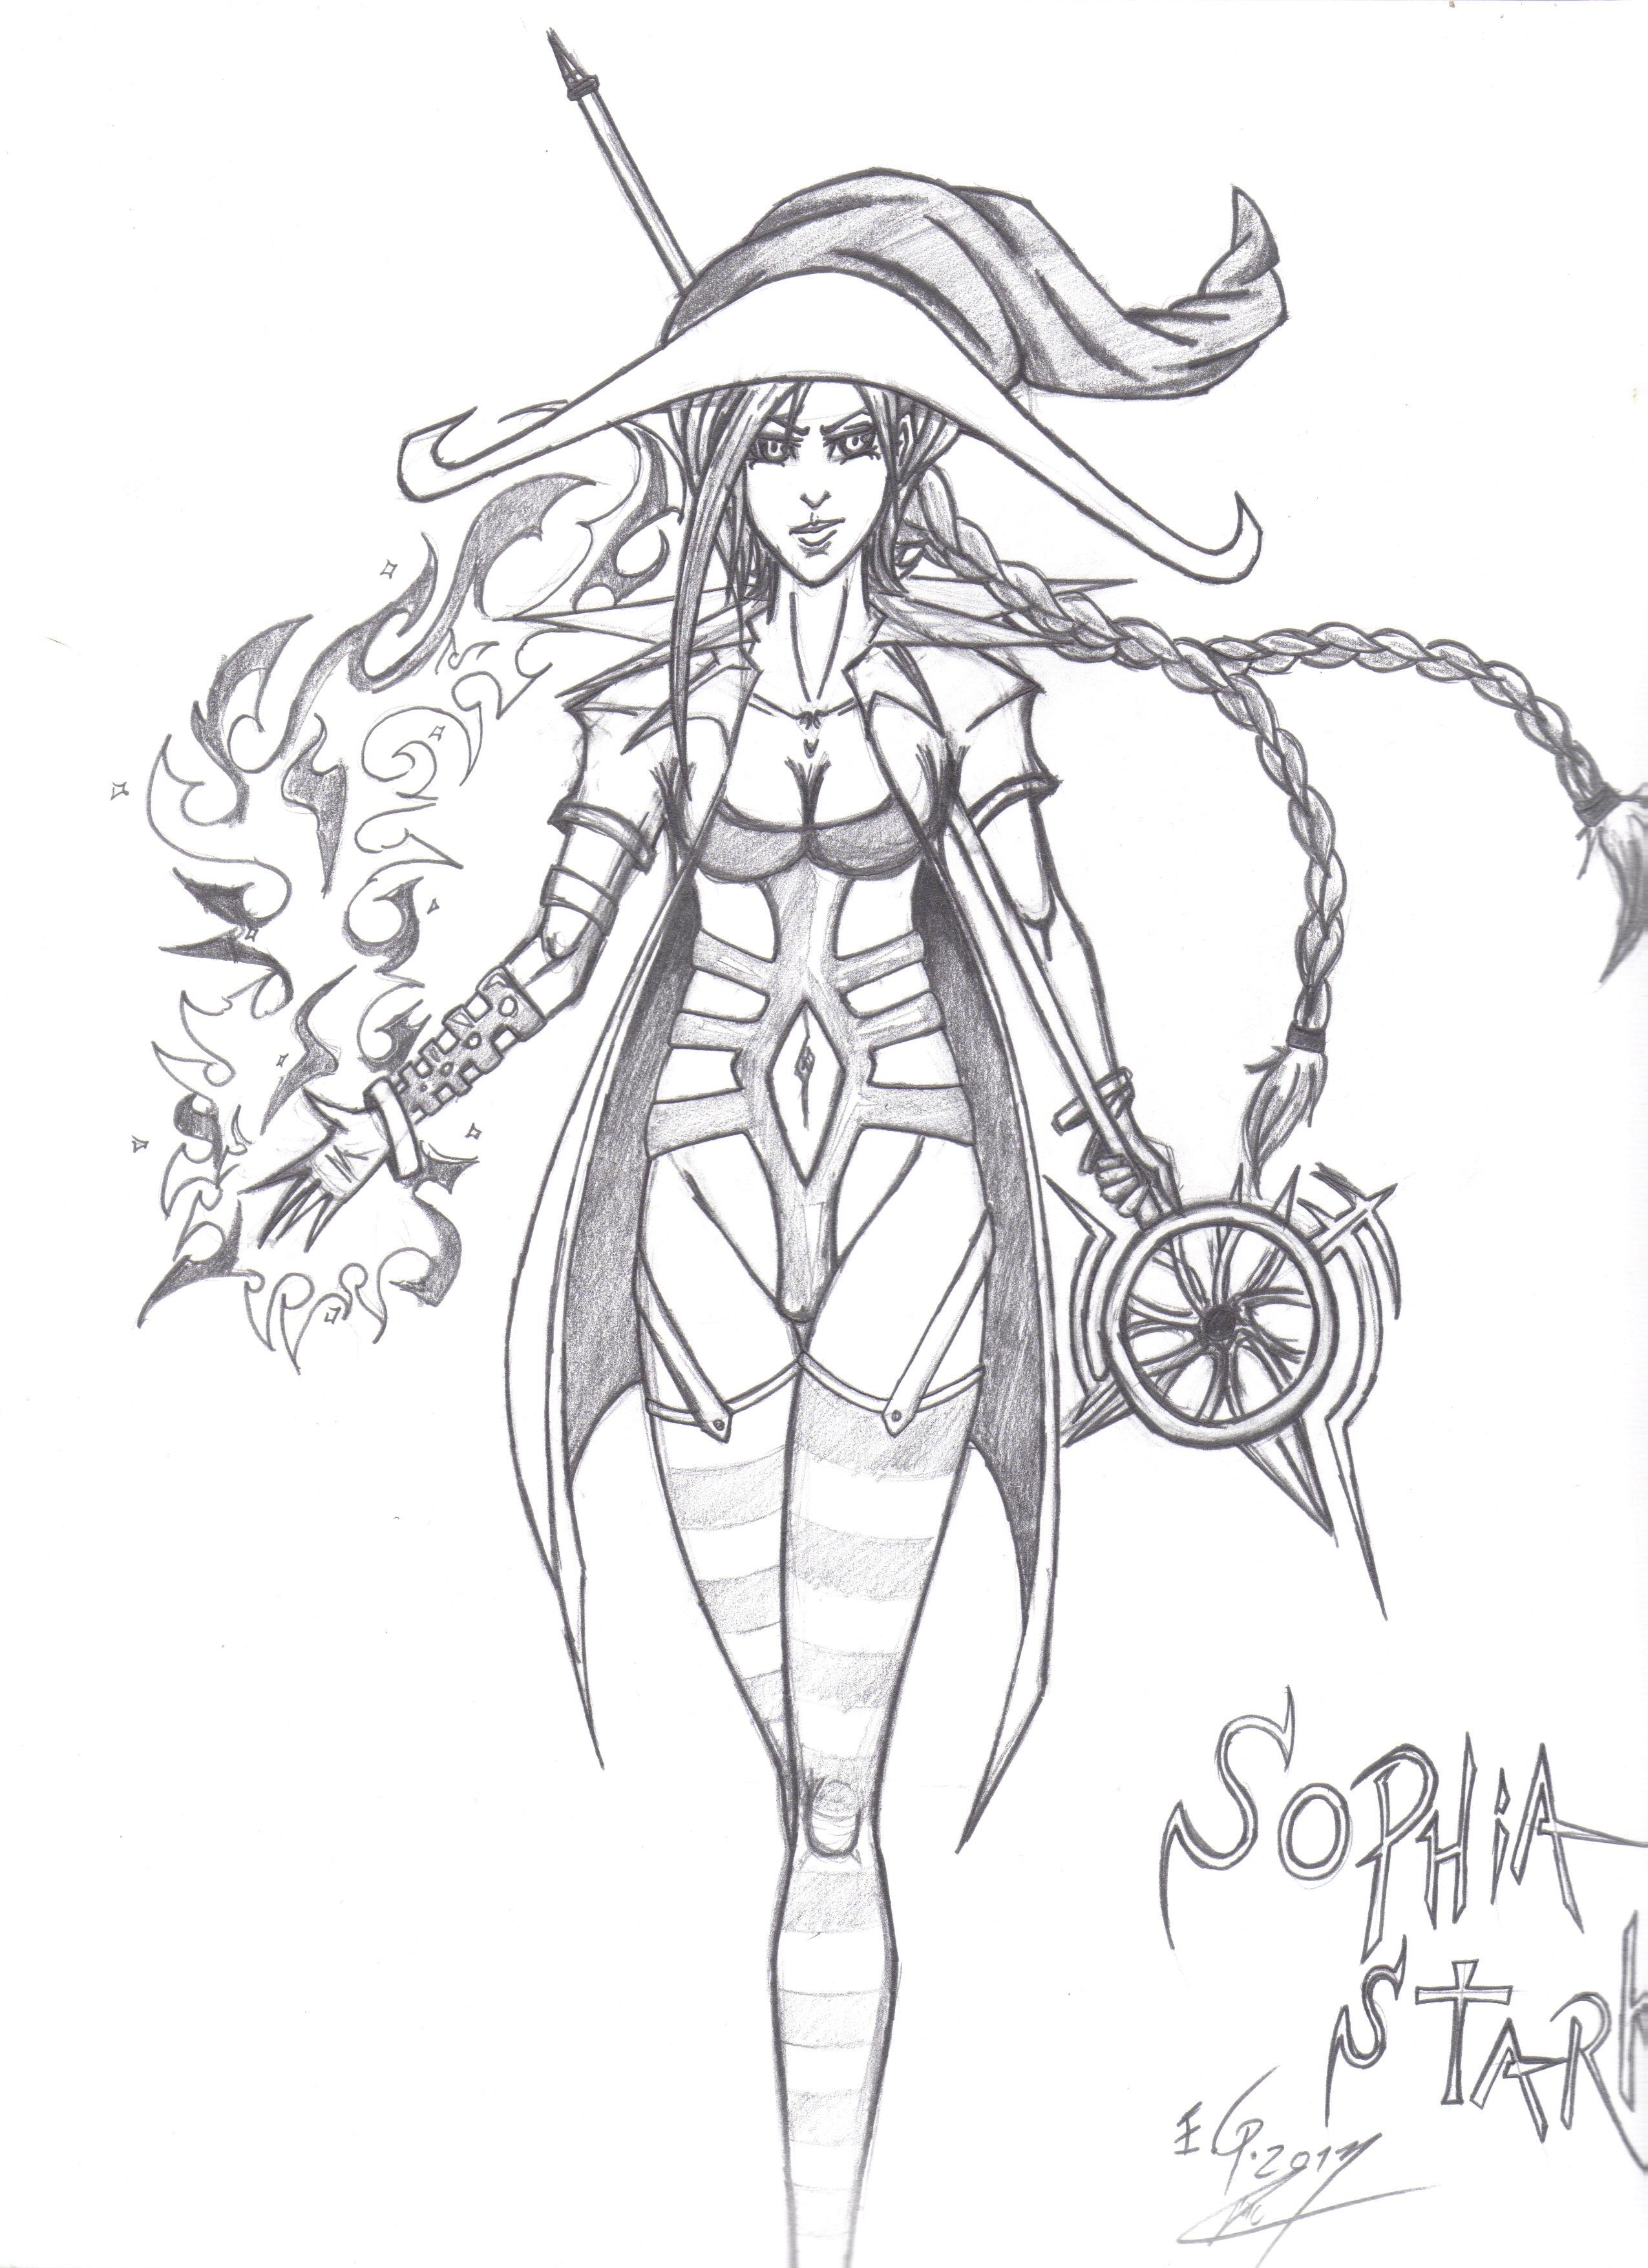 Sophia Stark